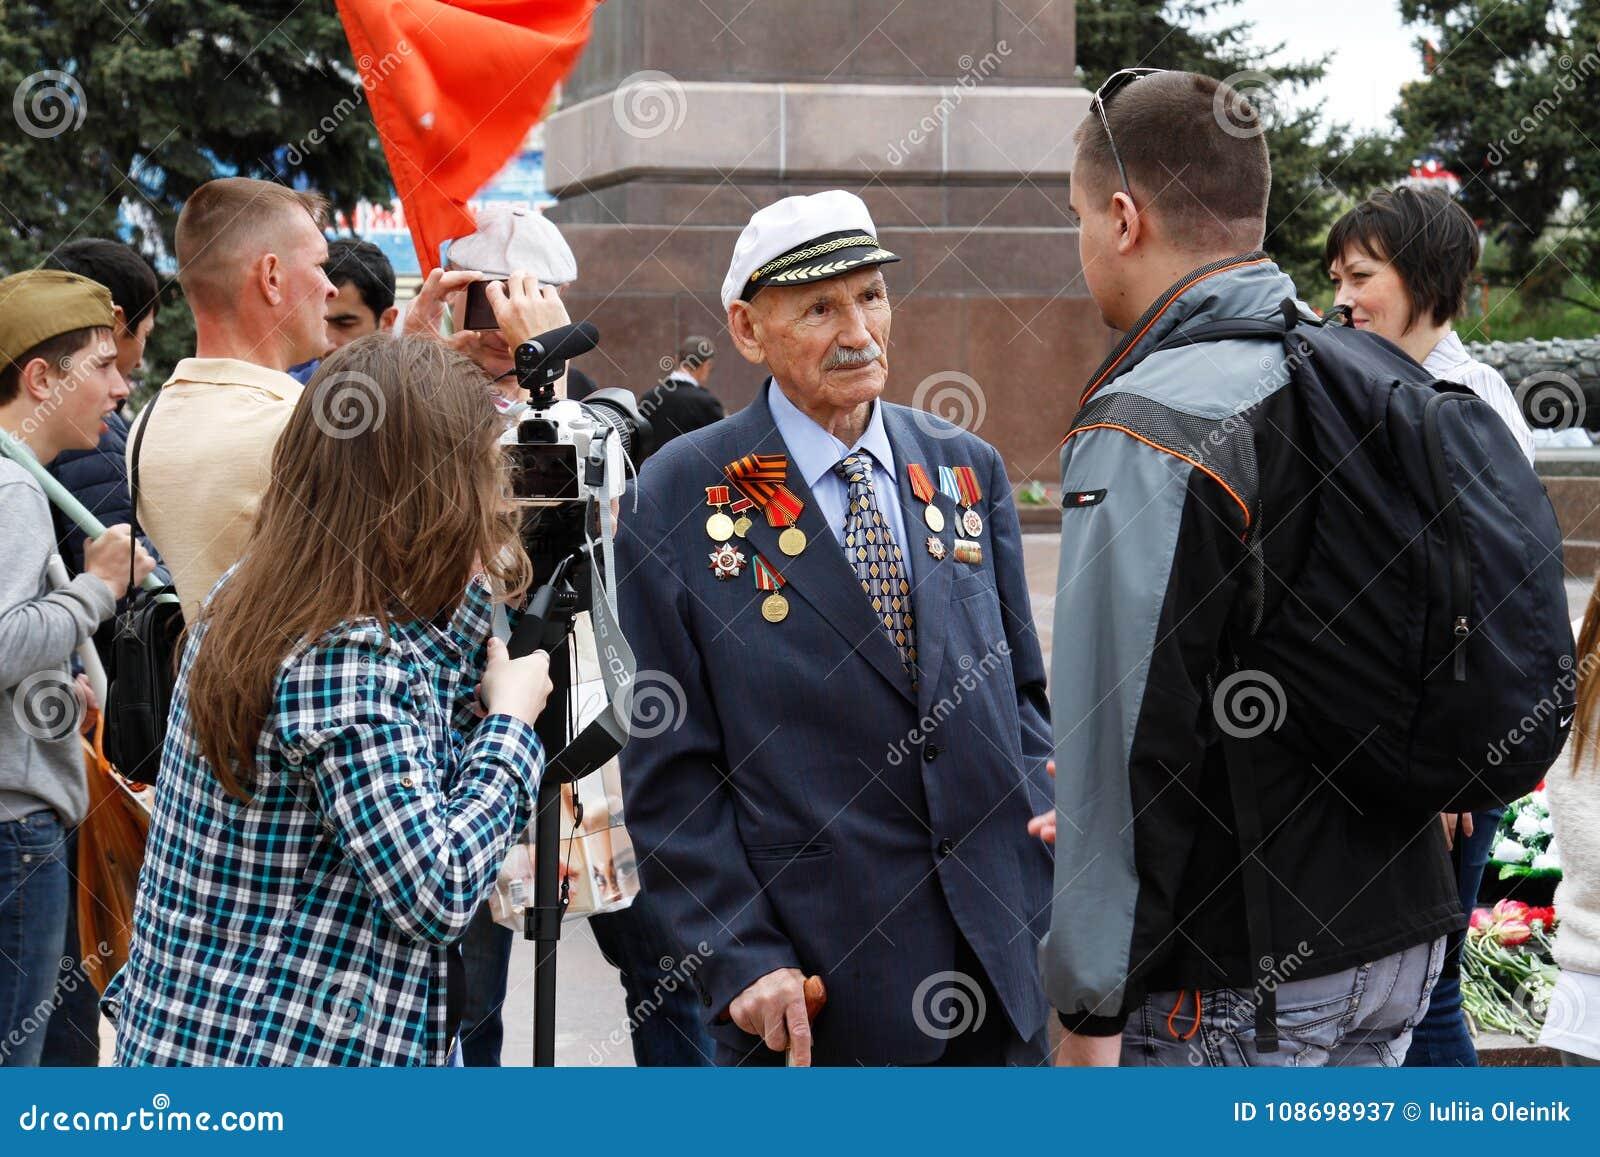 人们在伏尔加格勒采访第二次世界大战的退伍军人在下落的战斗机的正方形的